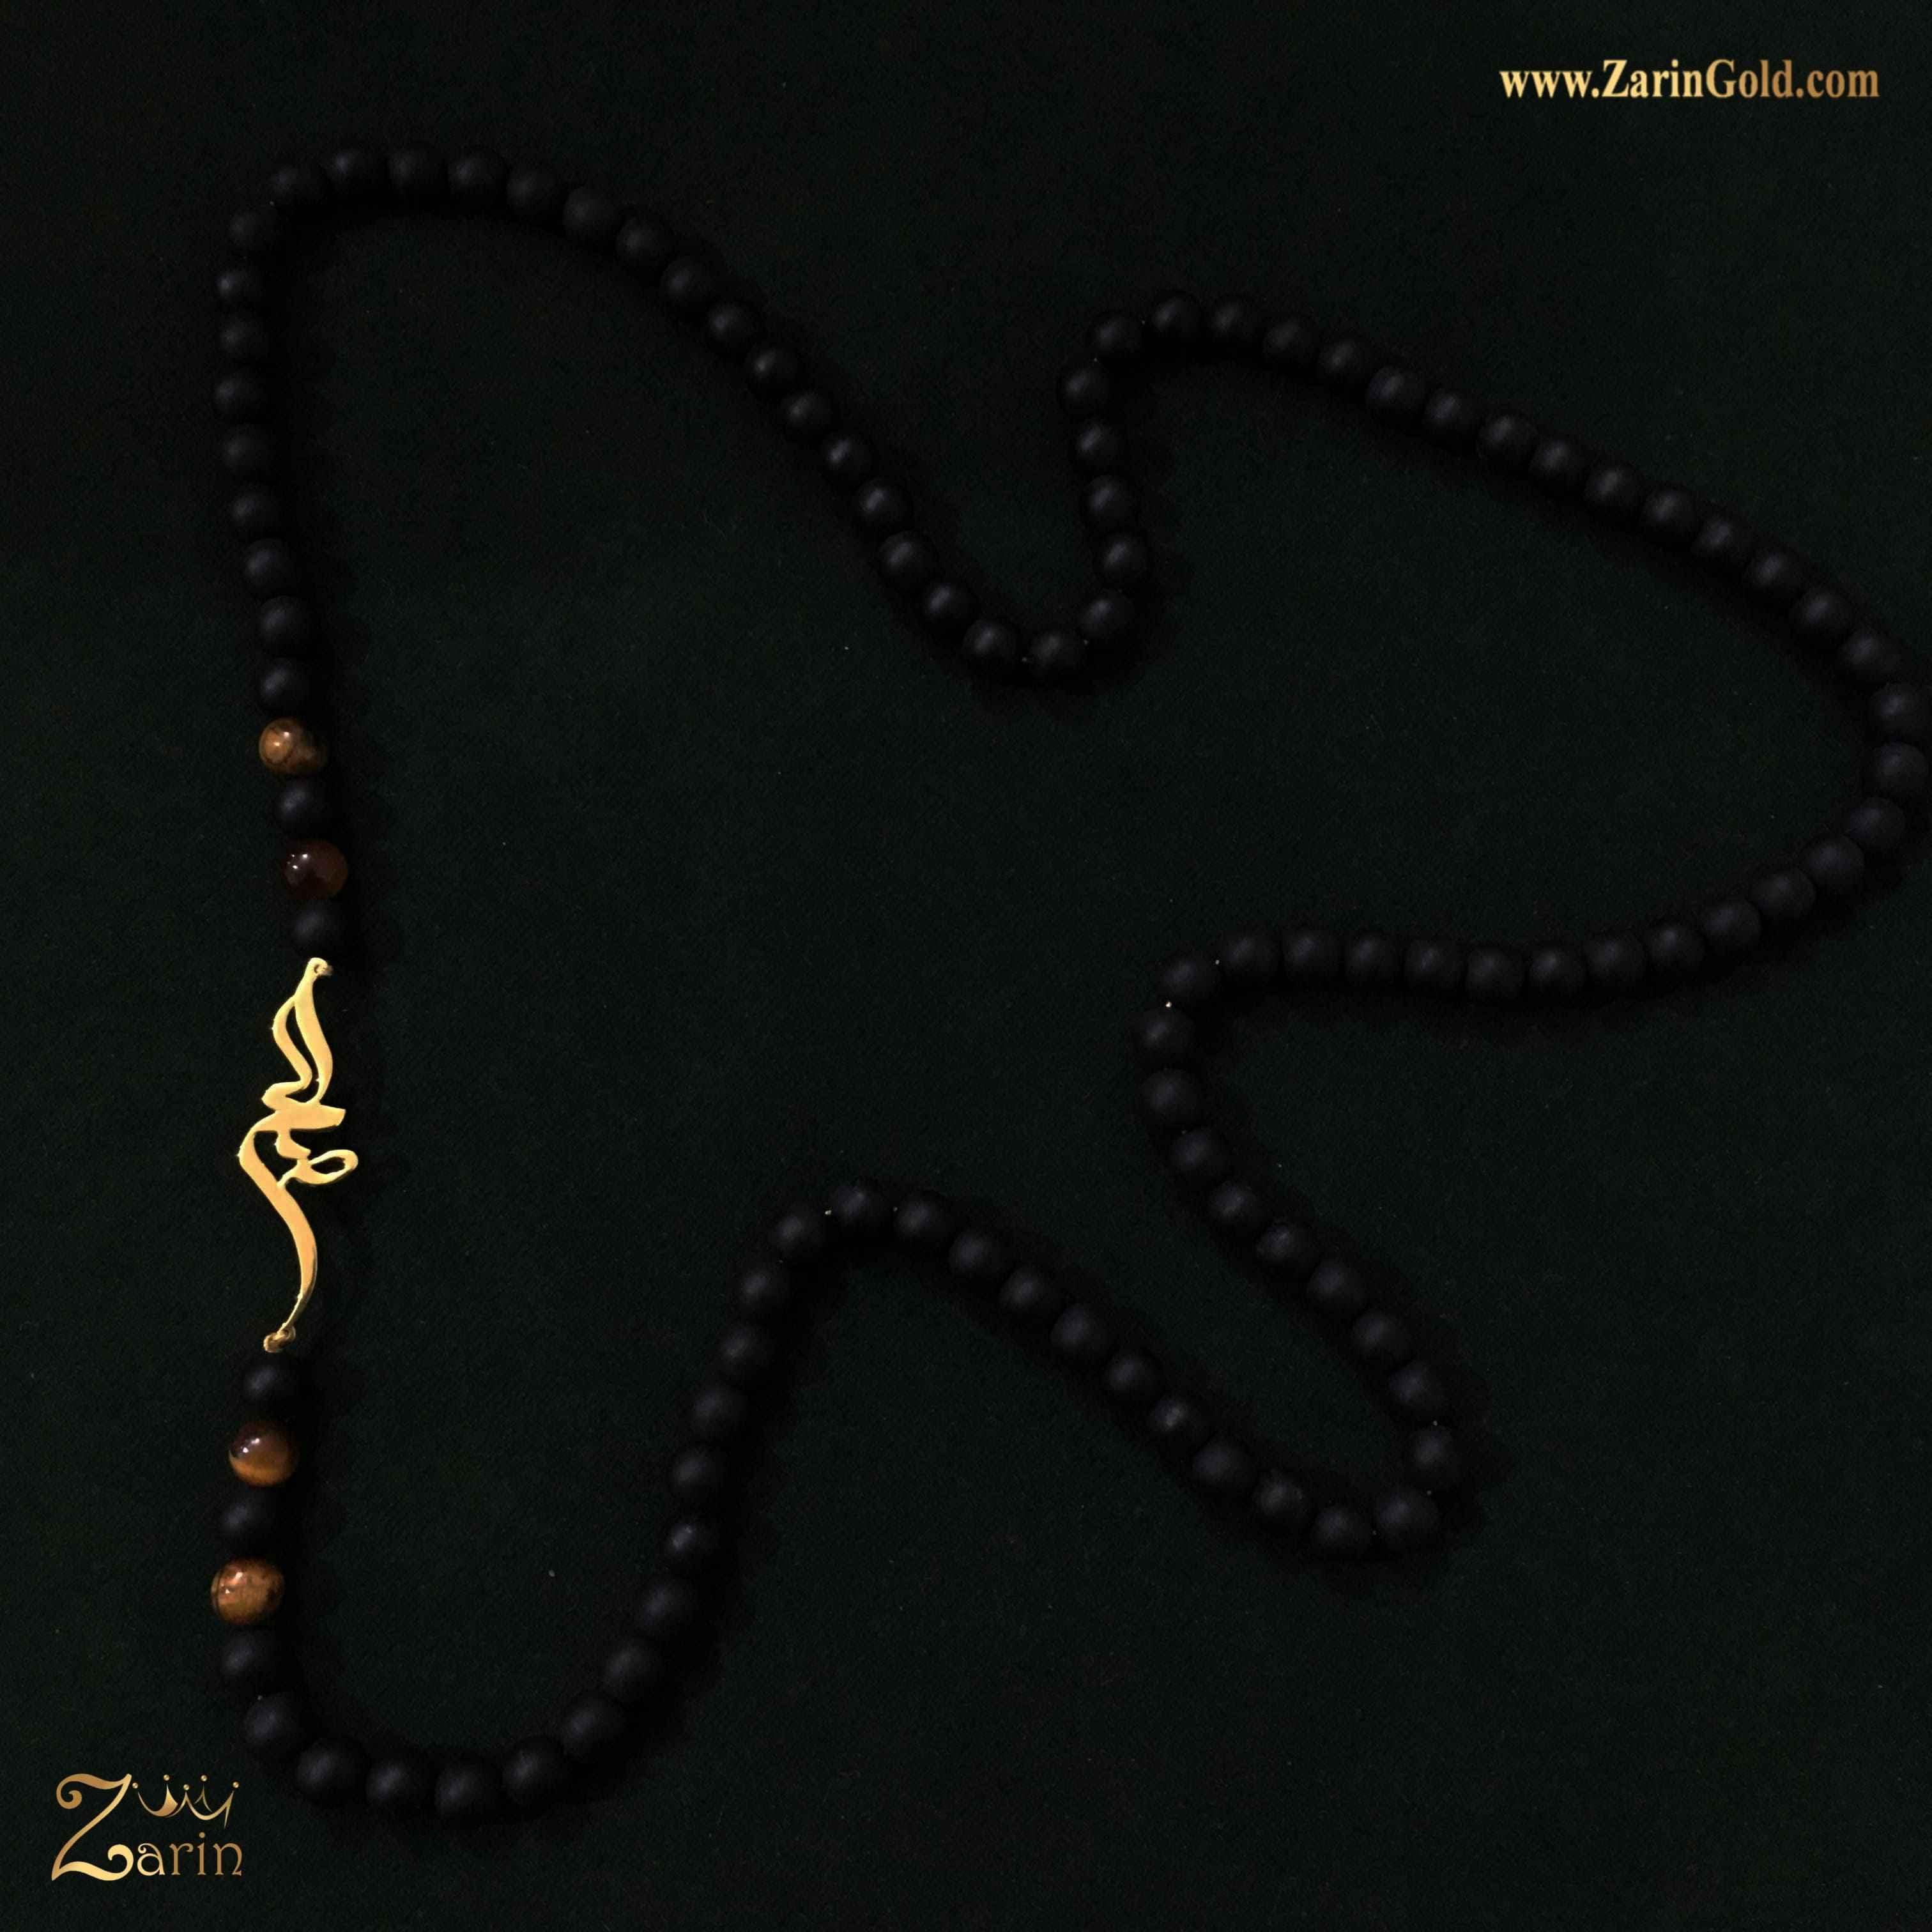 پلاک اسم طلا صالح با سنگ